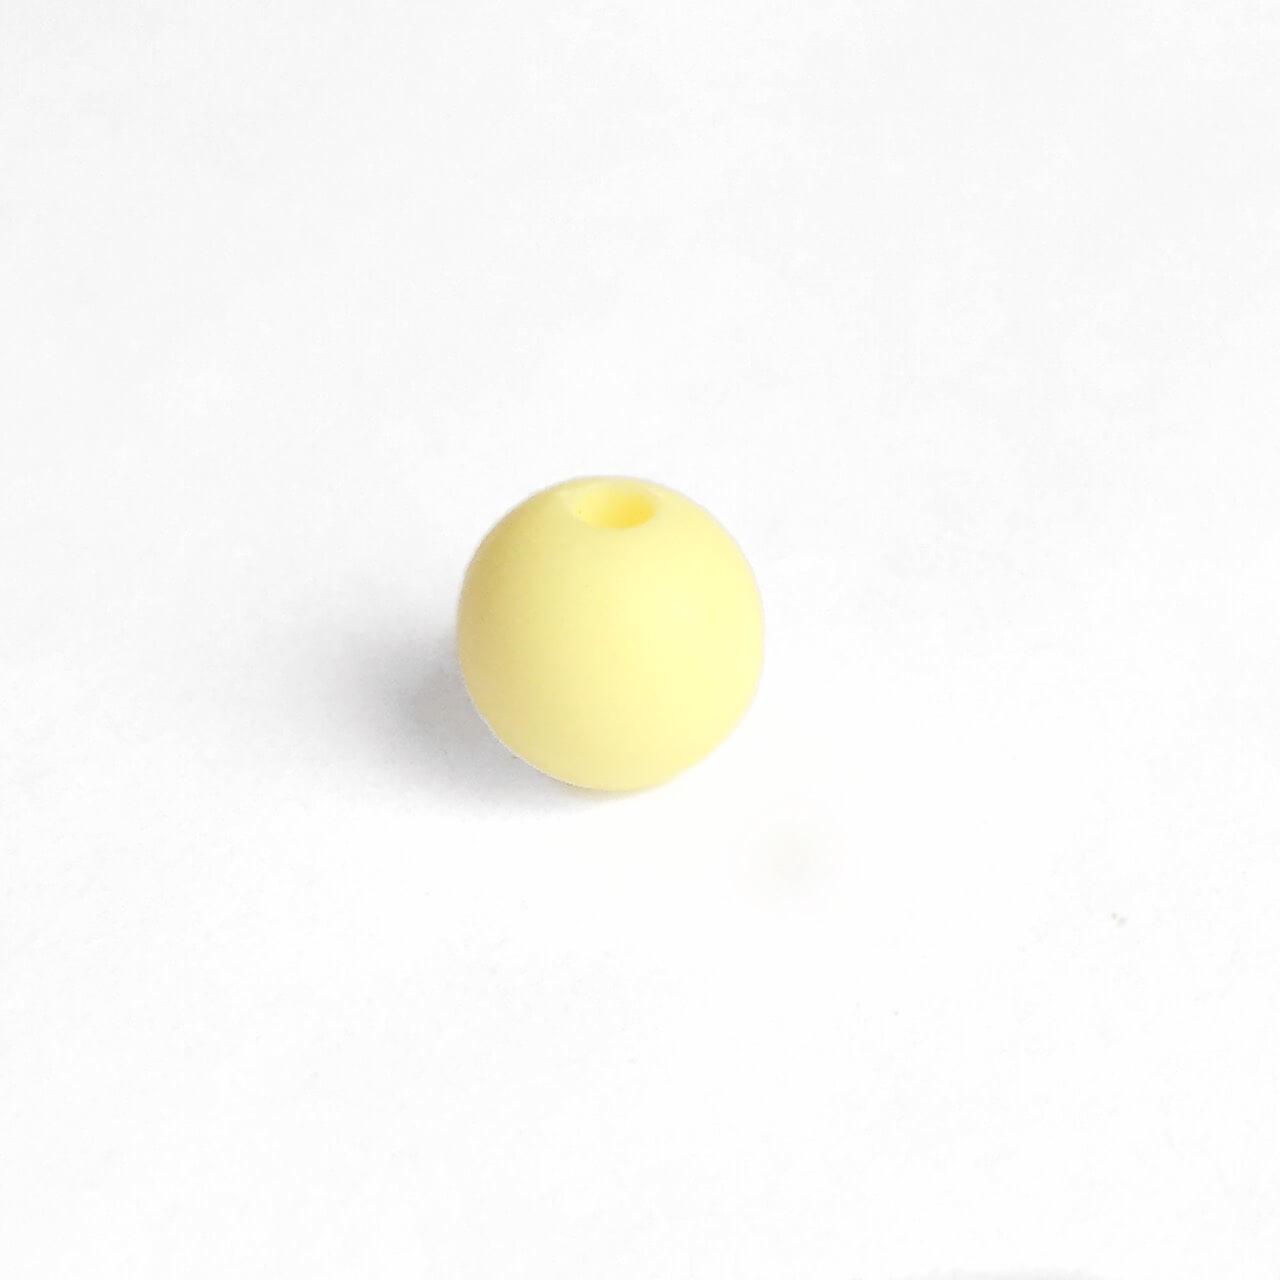 9мм (кремовый) круглая, силиконовая бусина